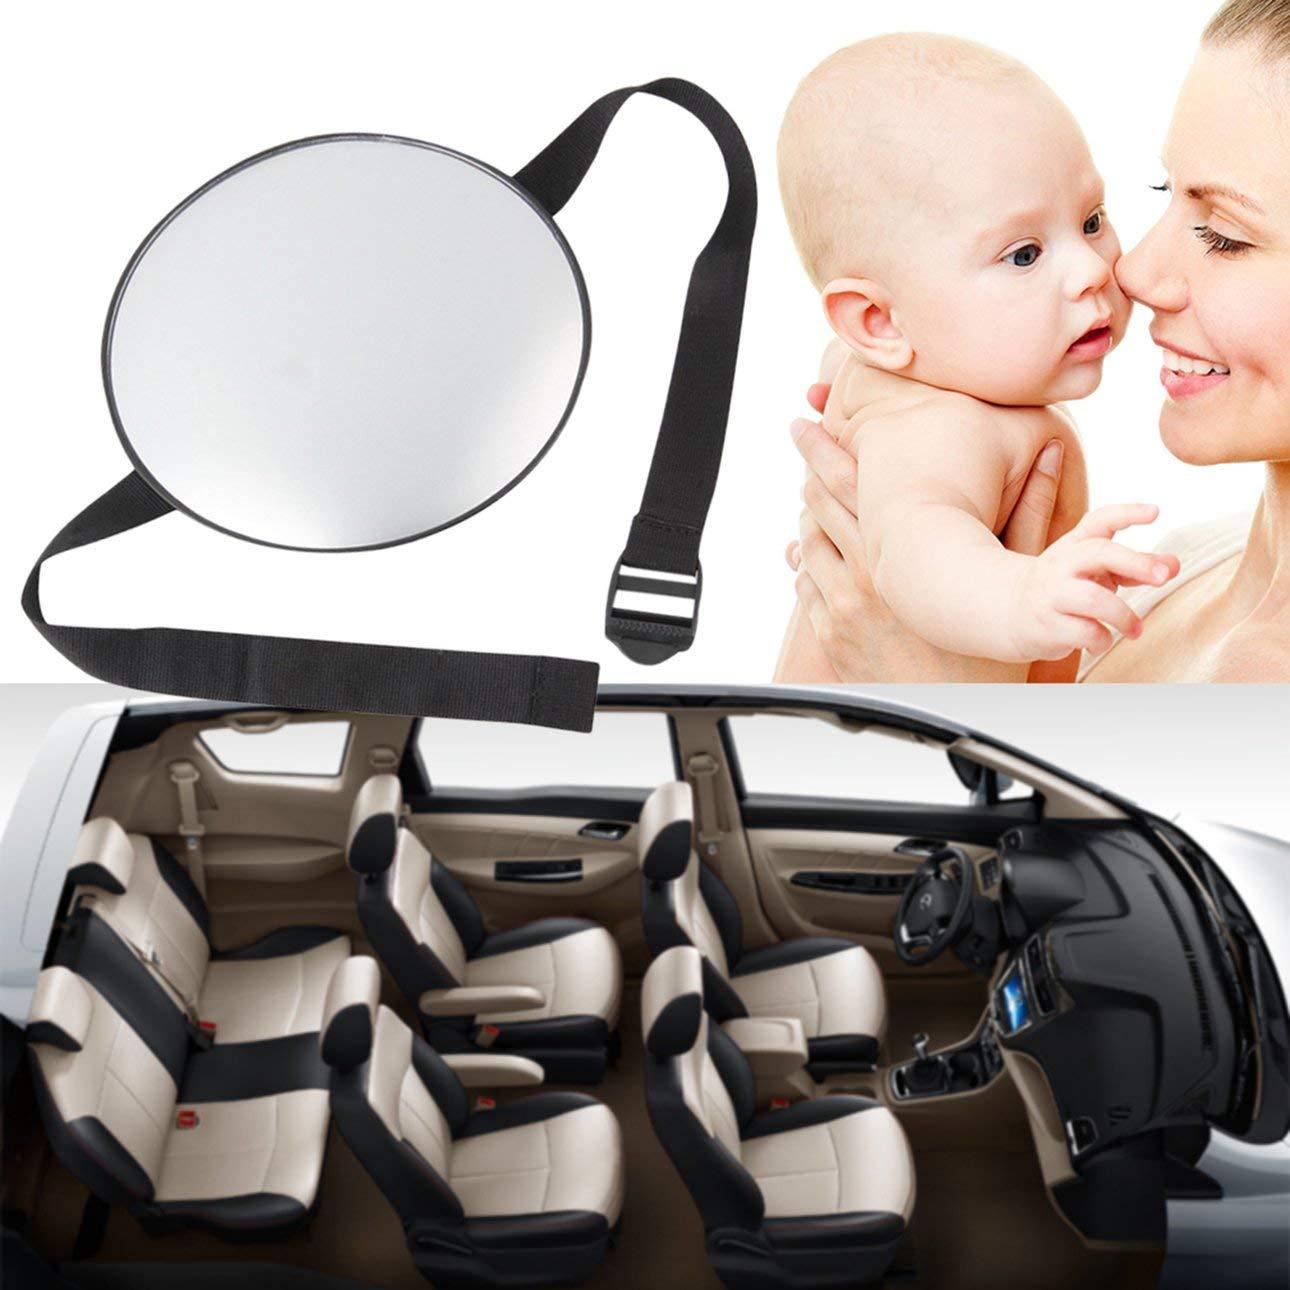 Ballylelly Elegante Seguridad para el autom/óvil Vista f/ácil Asiento Trasero Espejo Beb/é Mirando hacia atr/ás Guarda Infantil Cuidado Infantil Forma Redonda Beb/é Ni/ños Monitor